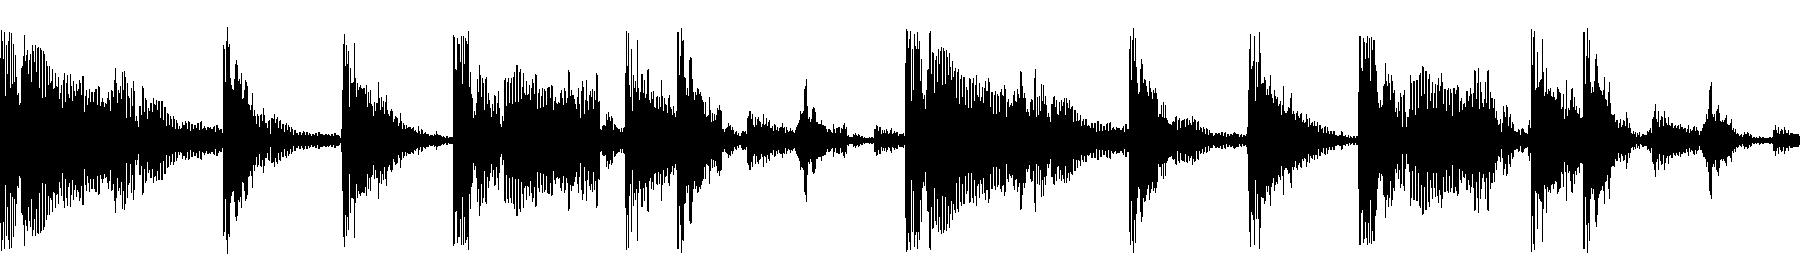 blbc electrodrums fx 95 02